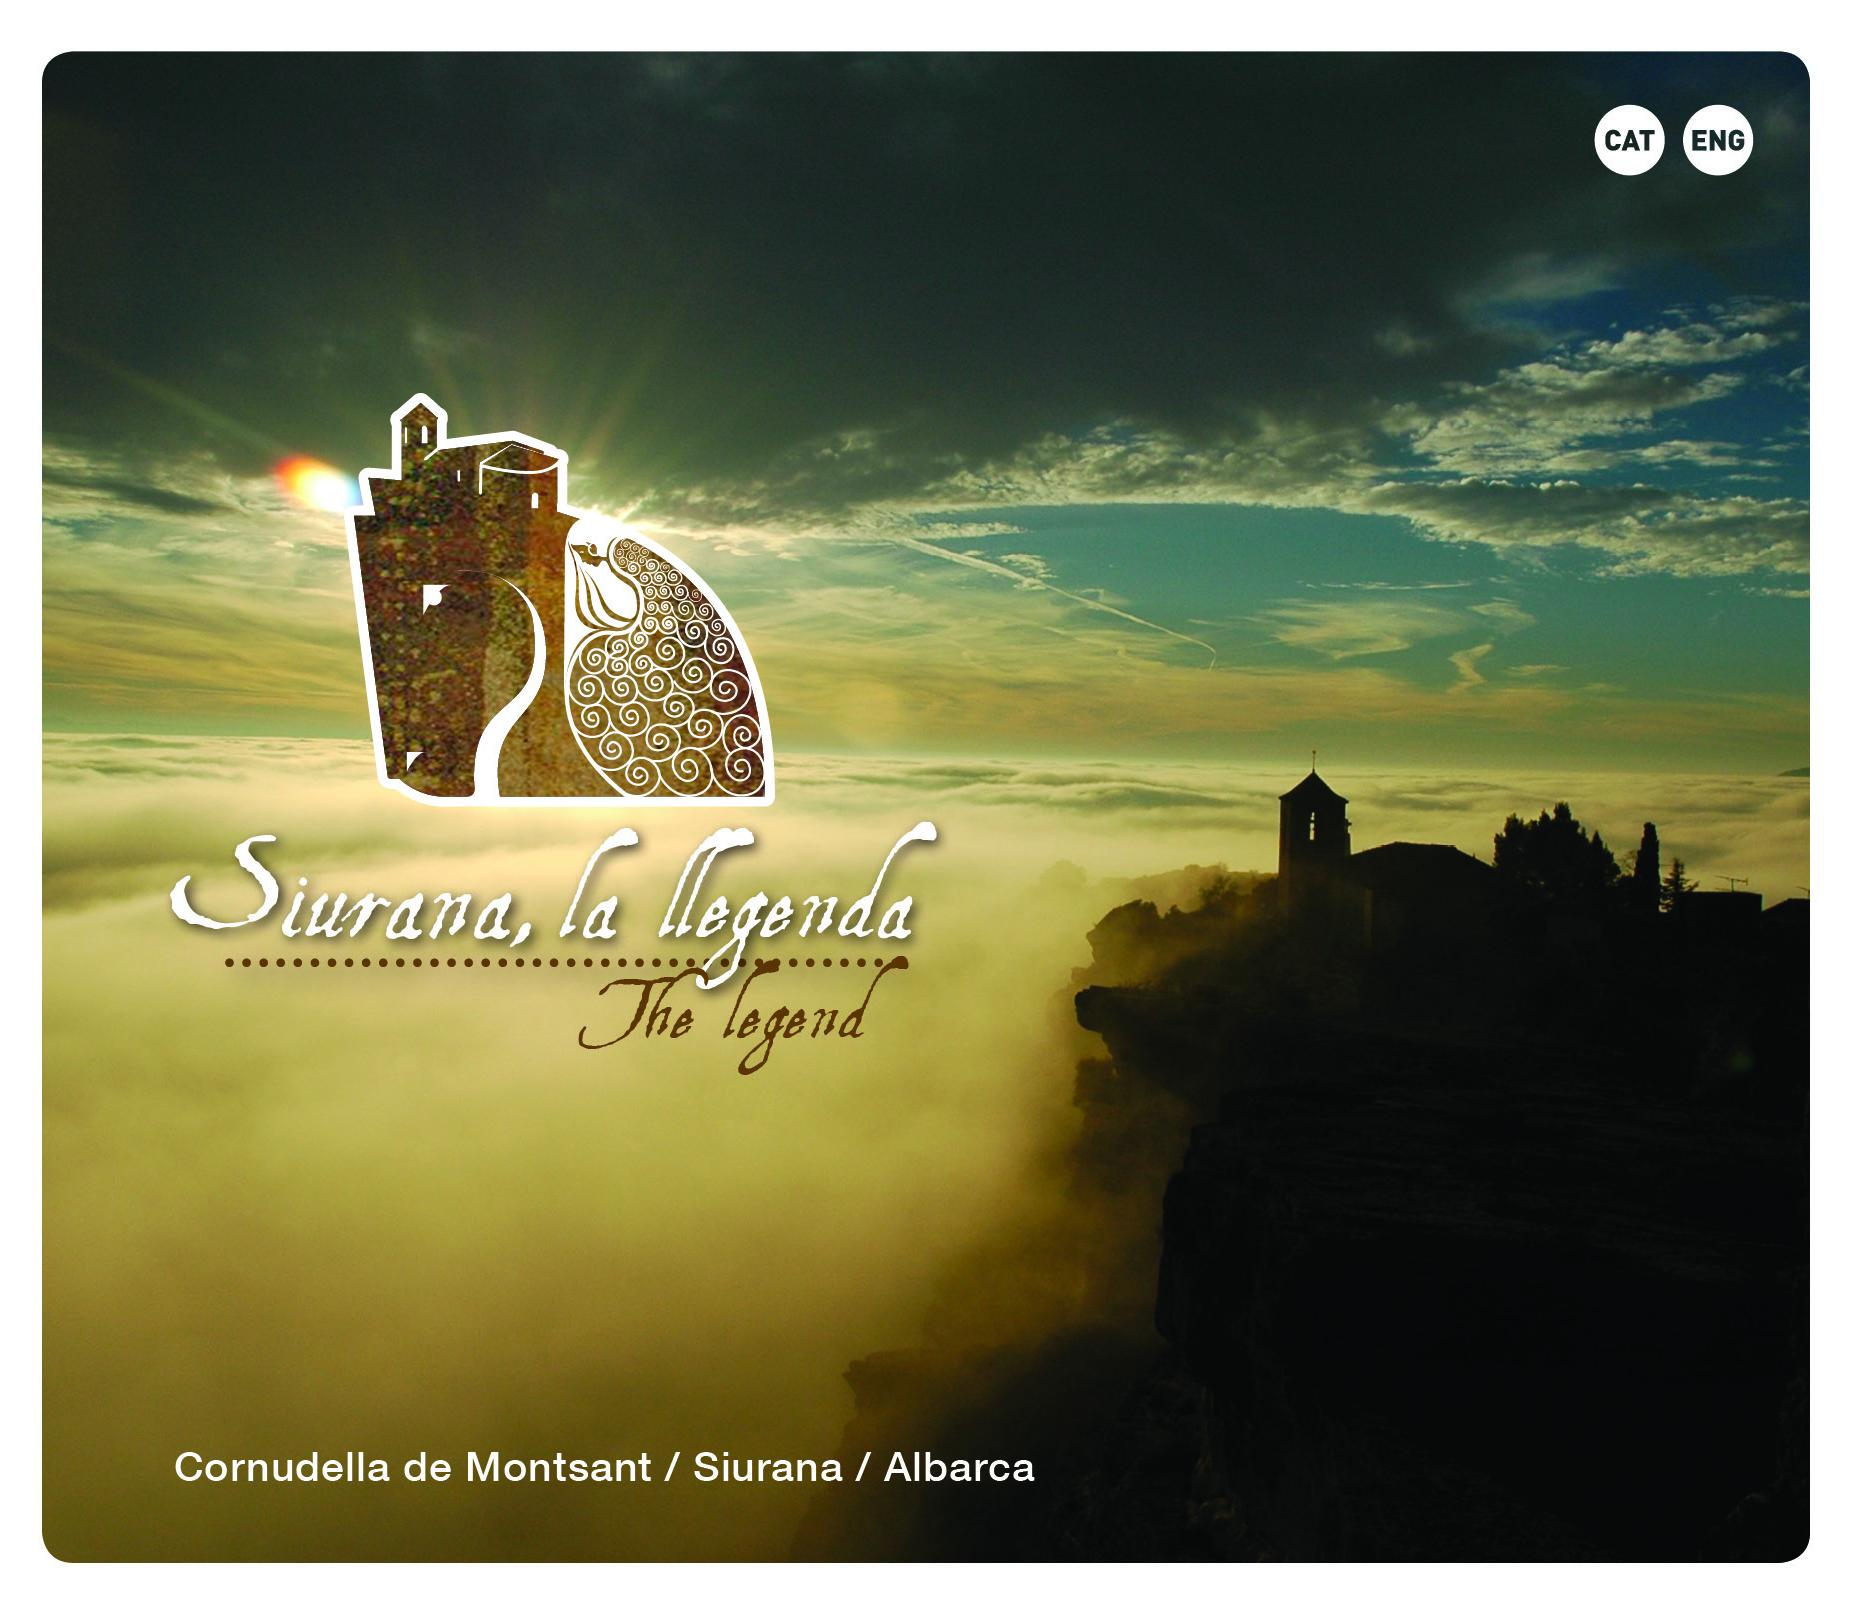 Dinamització turística del municipi de Cornudella de Montsant